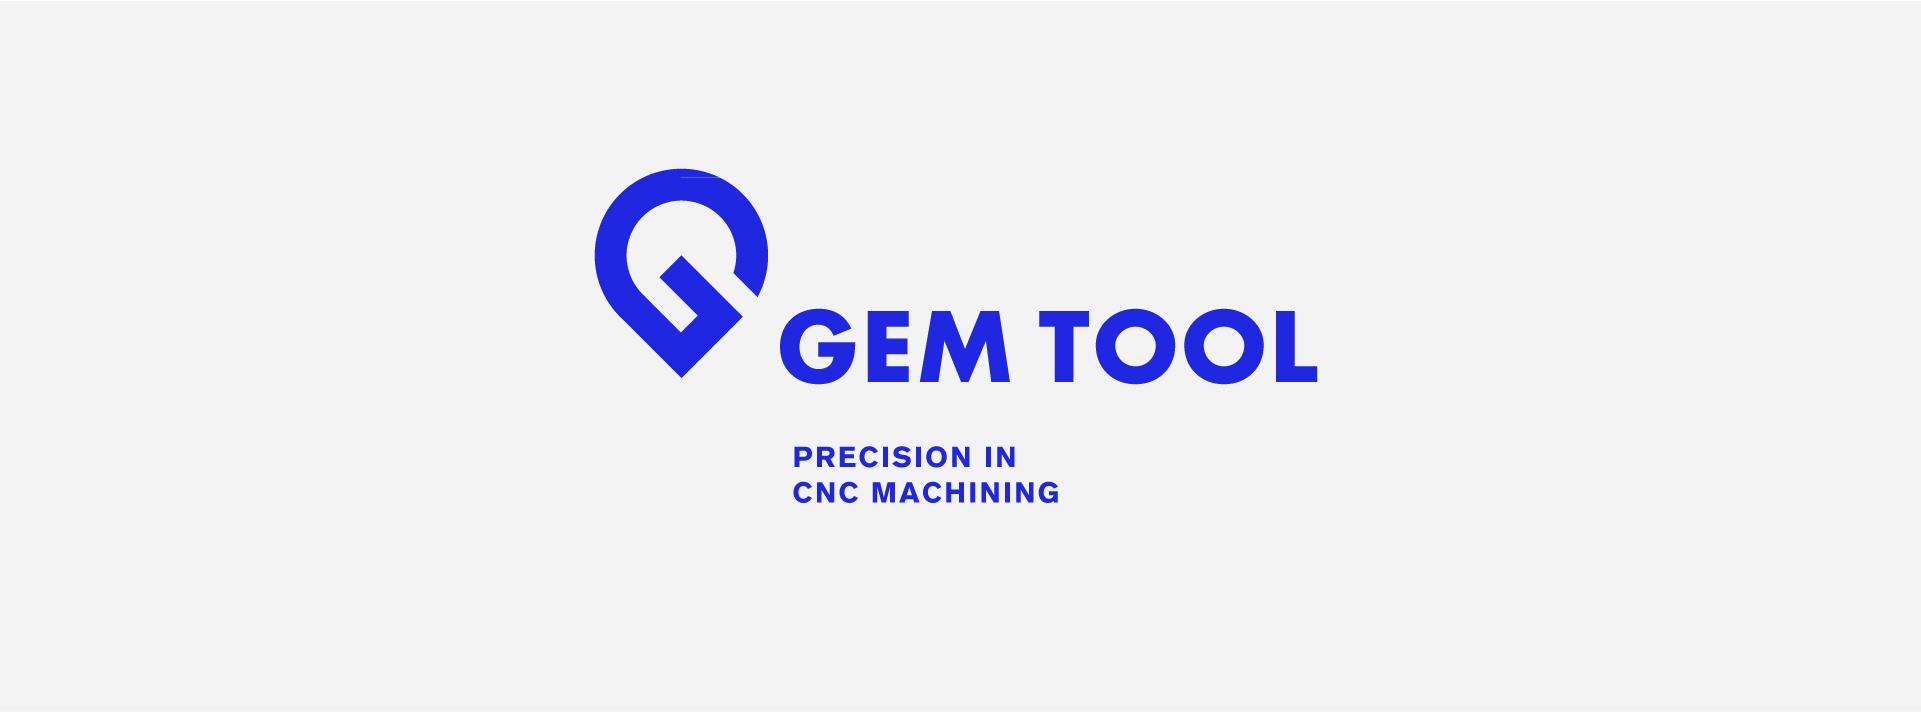 Gem Tool